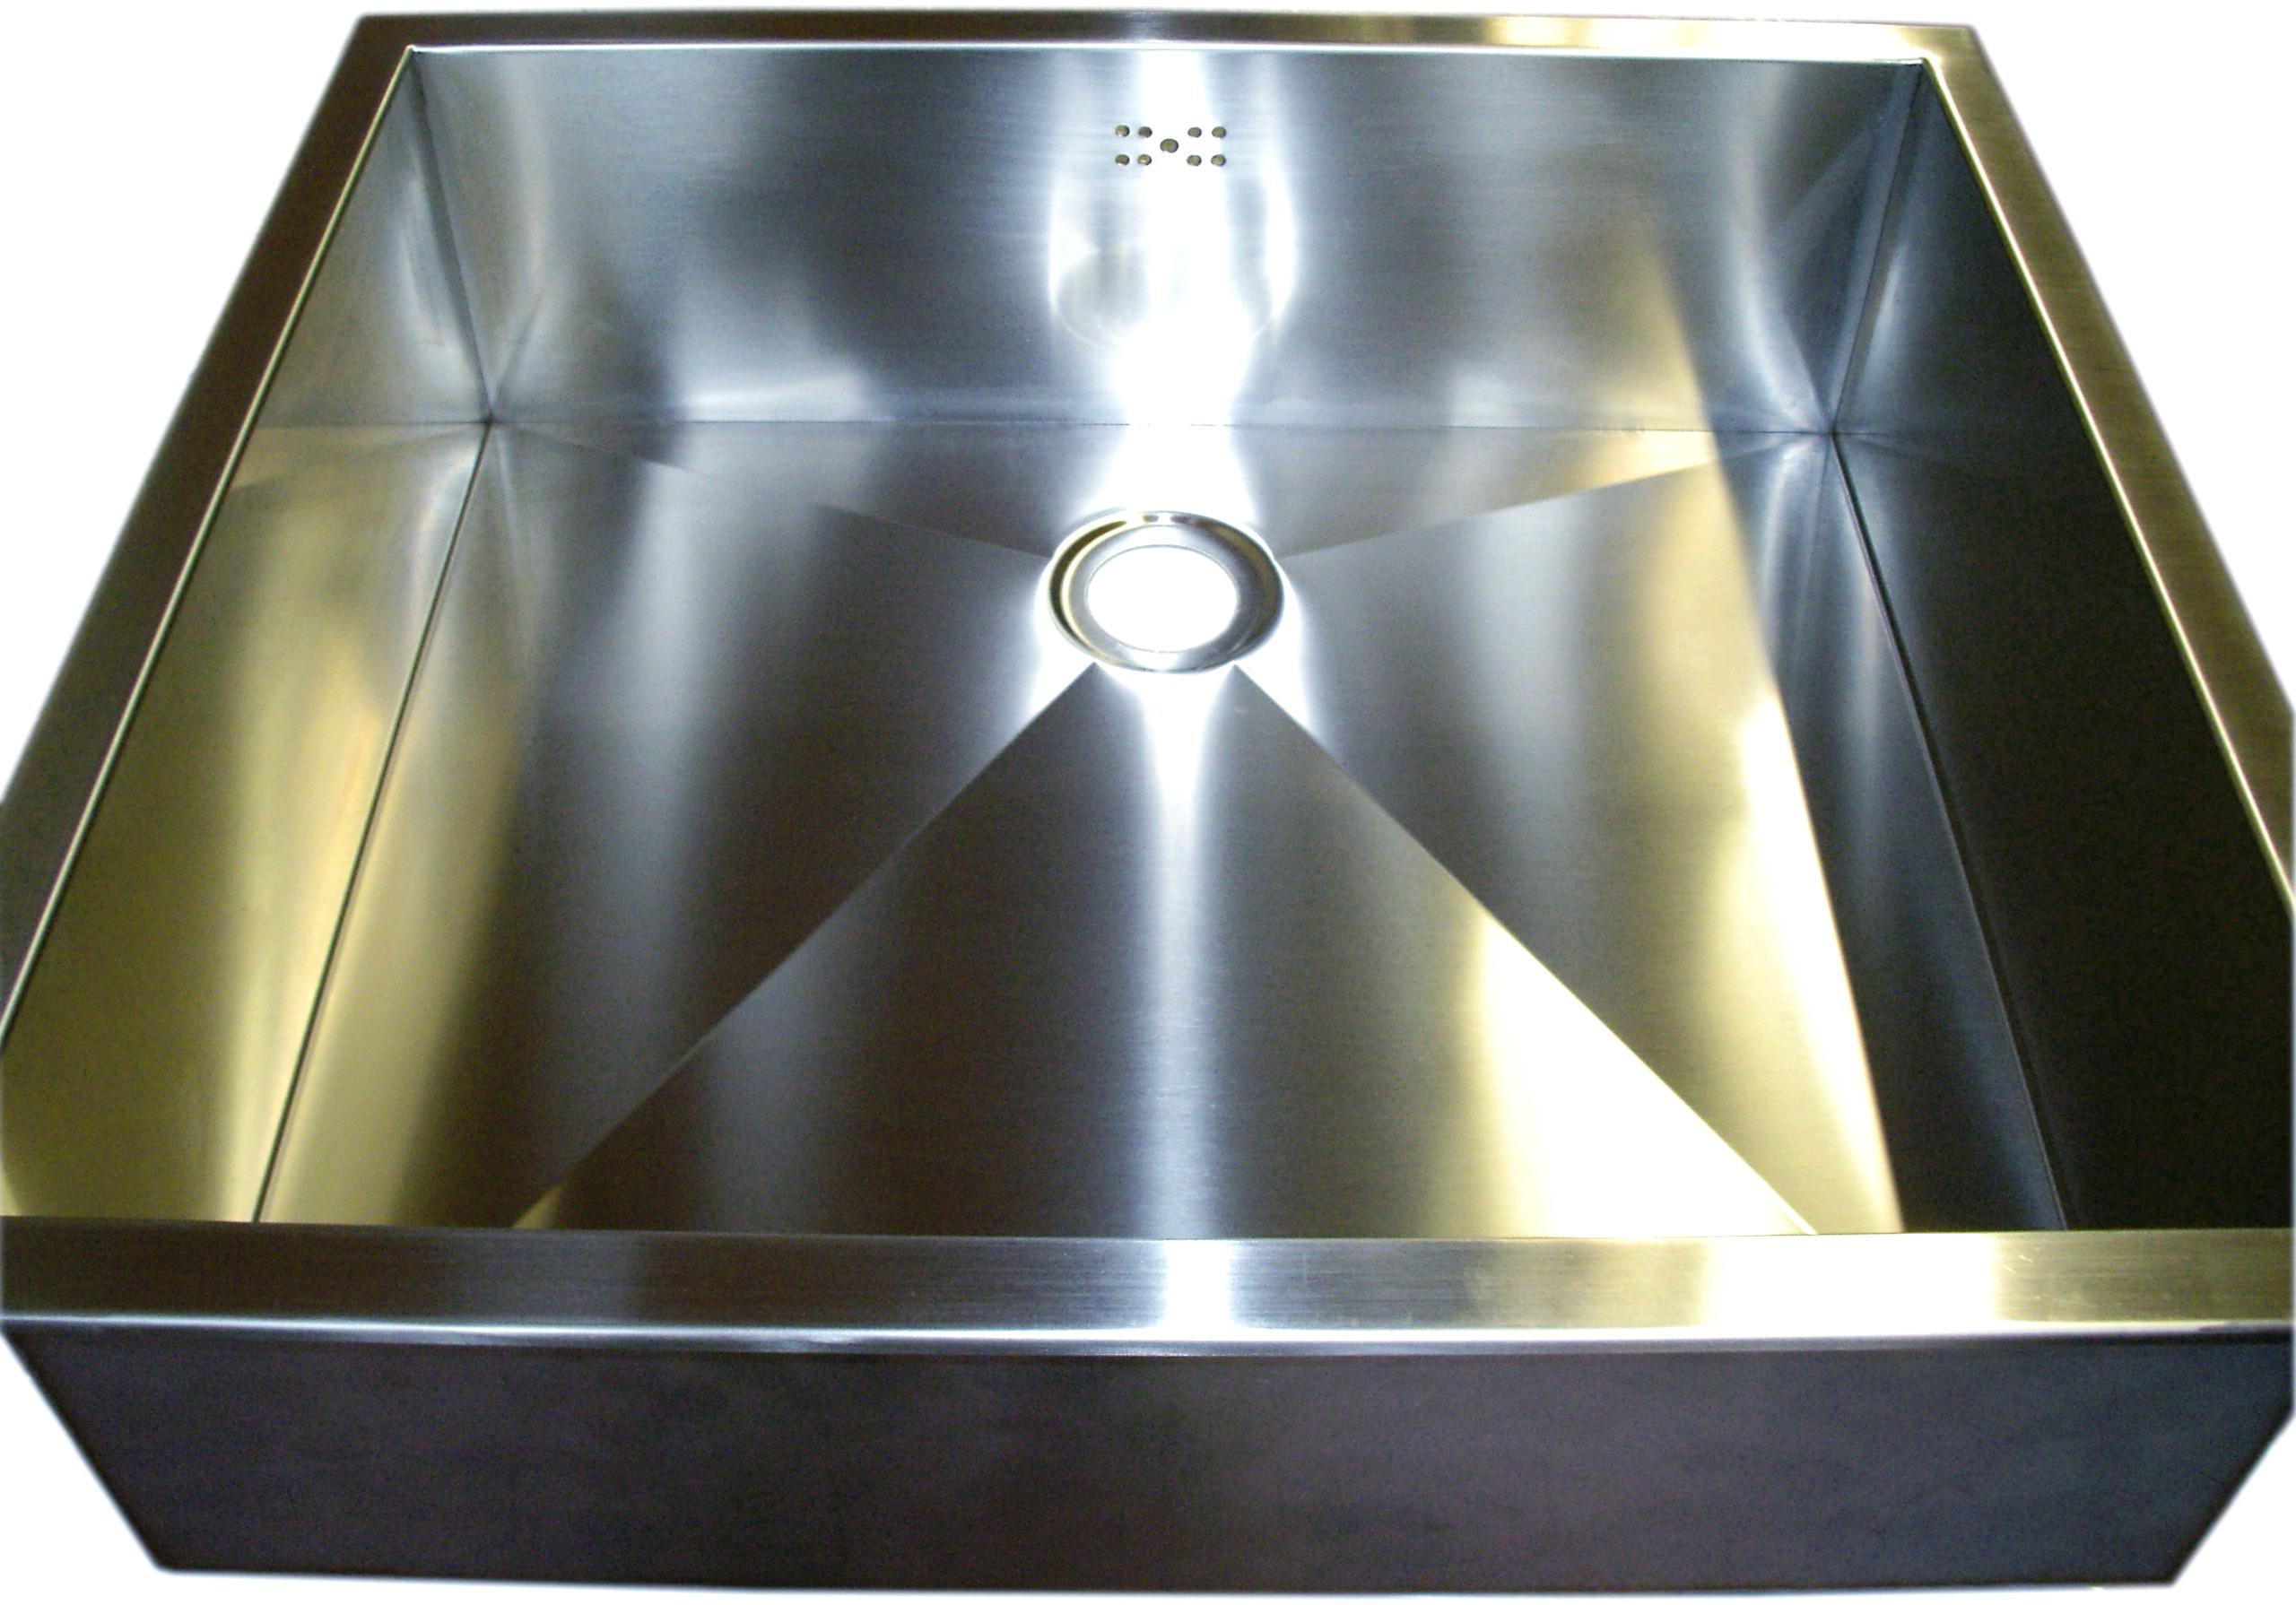 Realizzazione accessori cucina in acciaio su misura Venezia